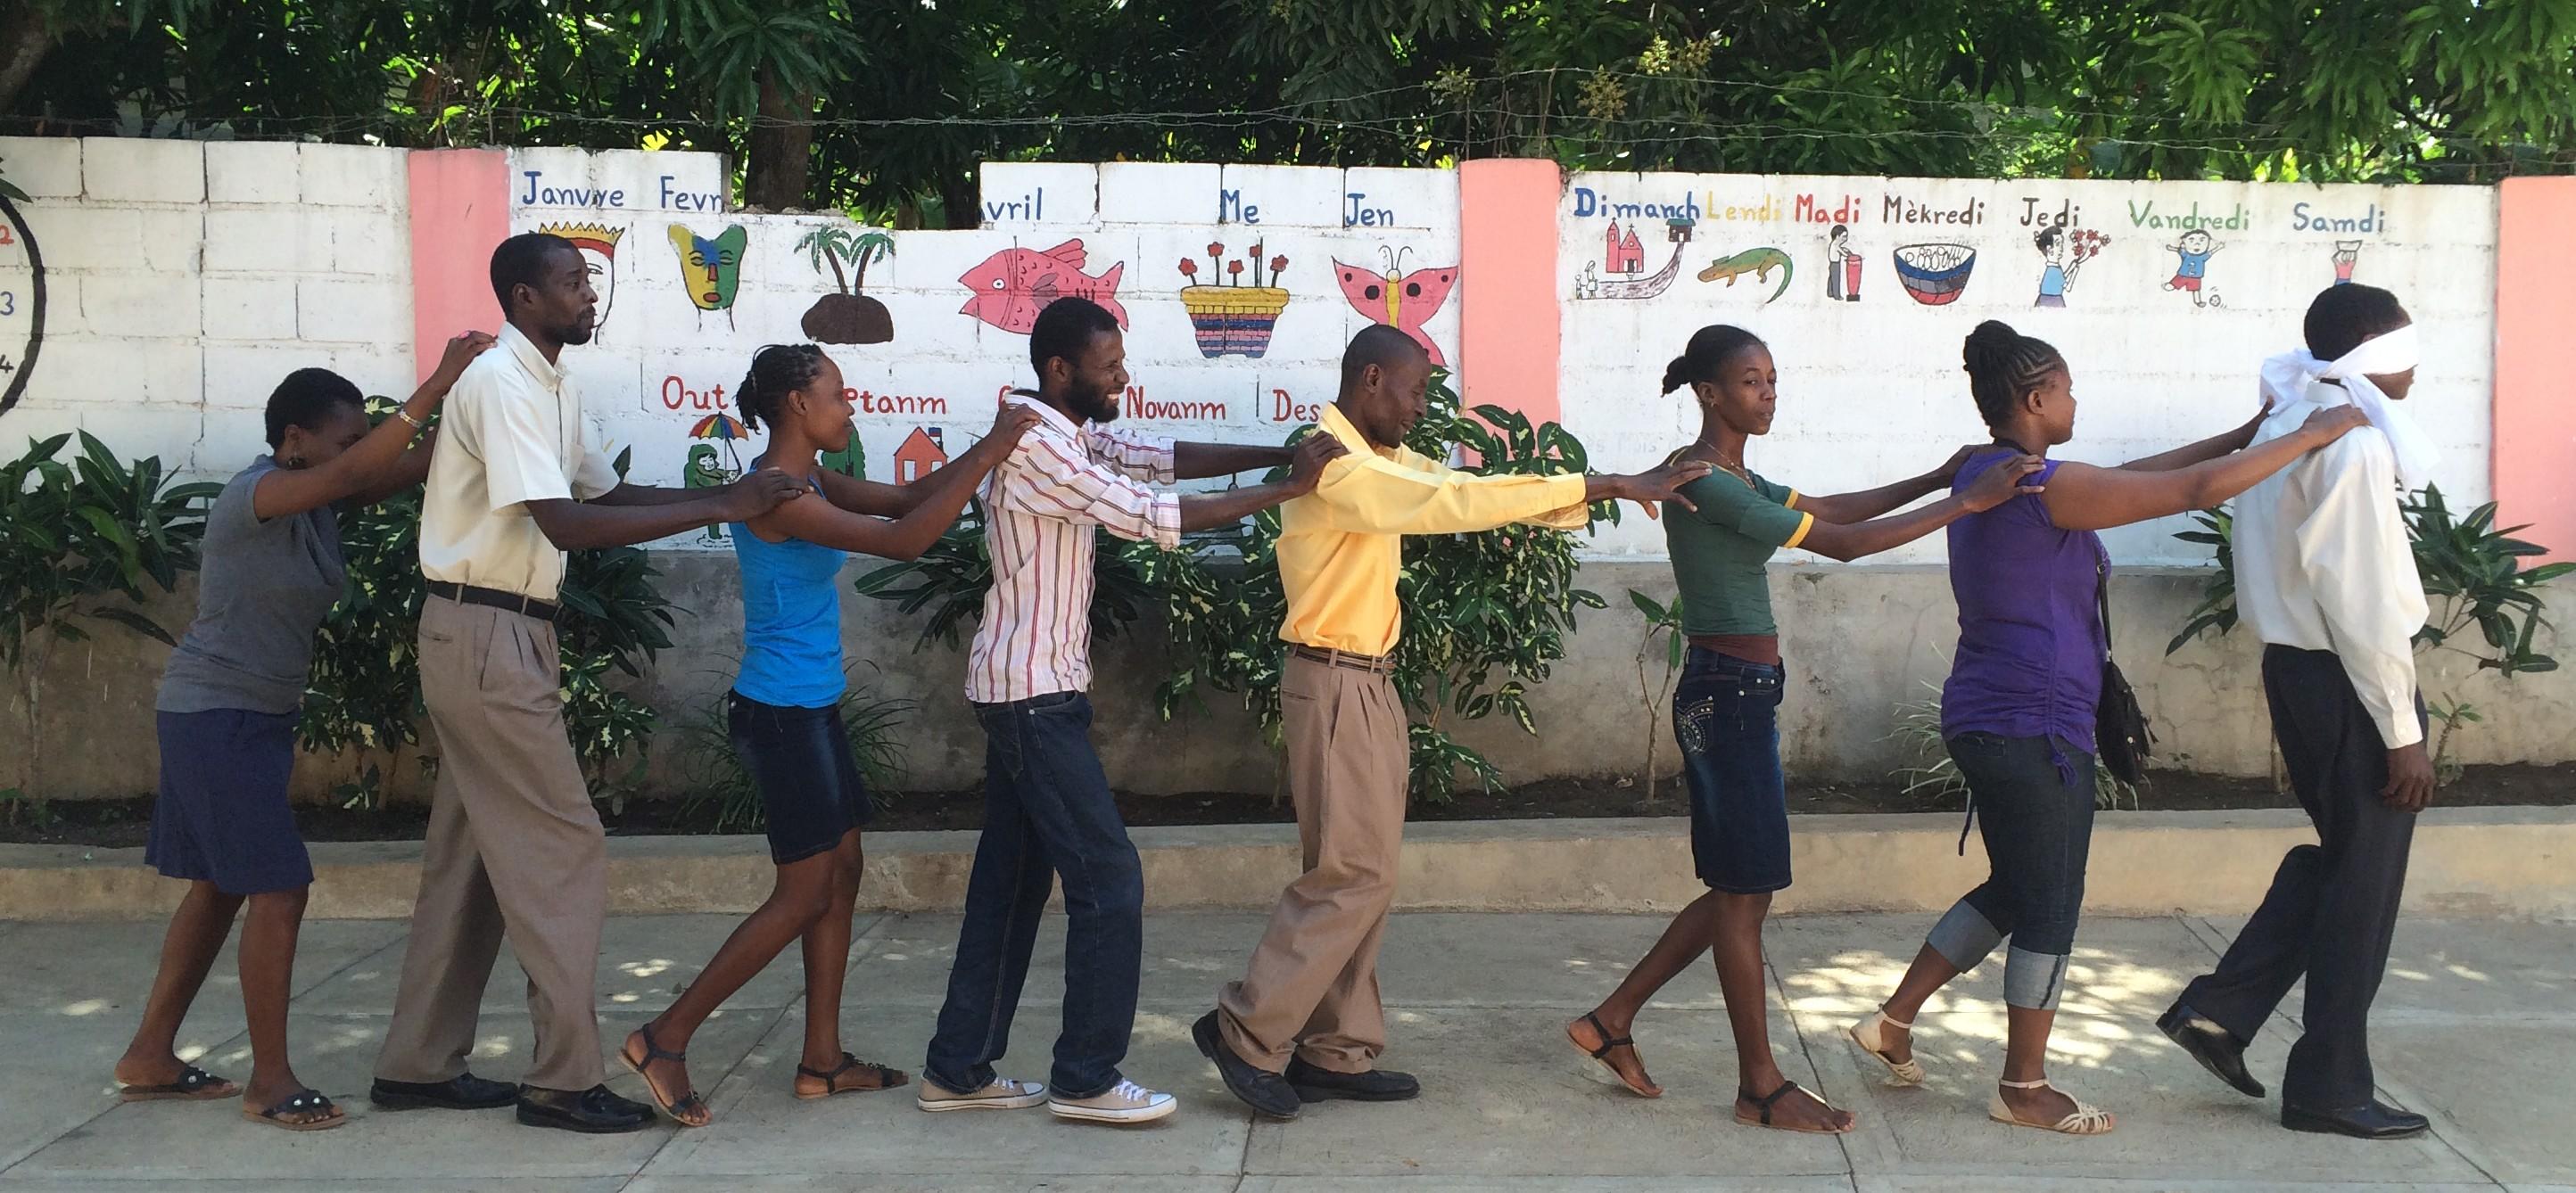 Fortaleciendo la Pastoral en las escuelas del sur de Haití